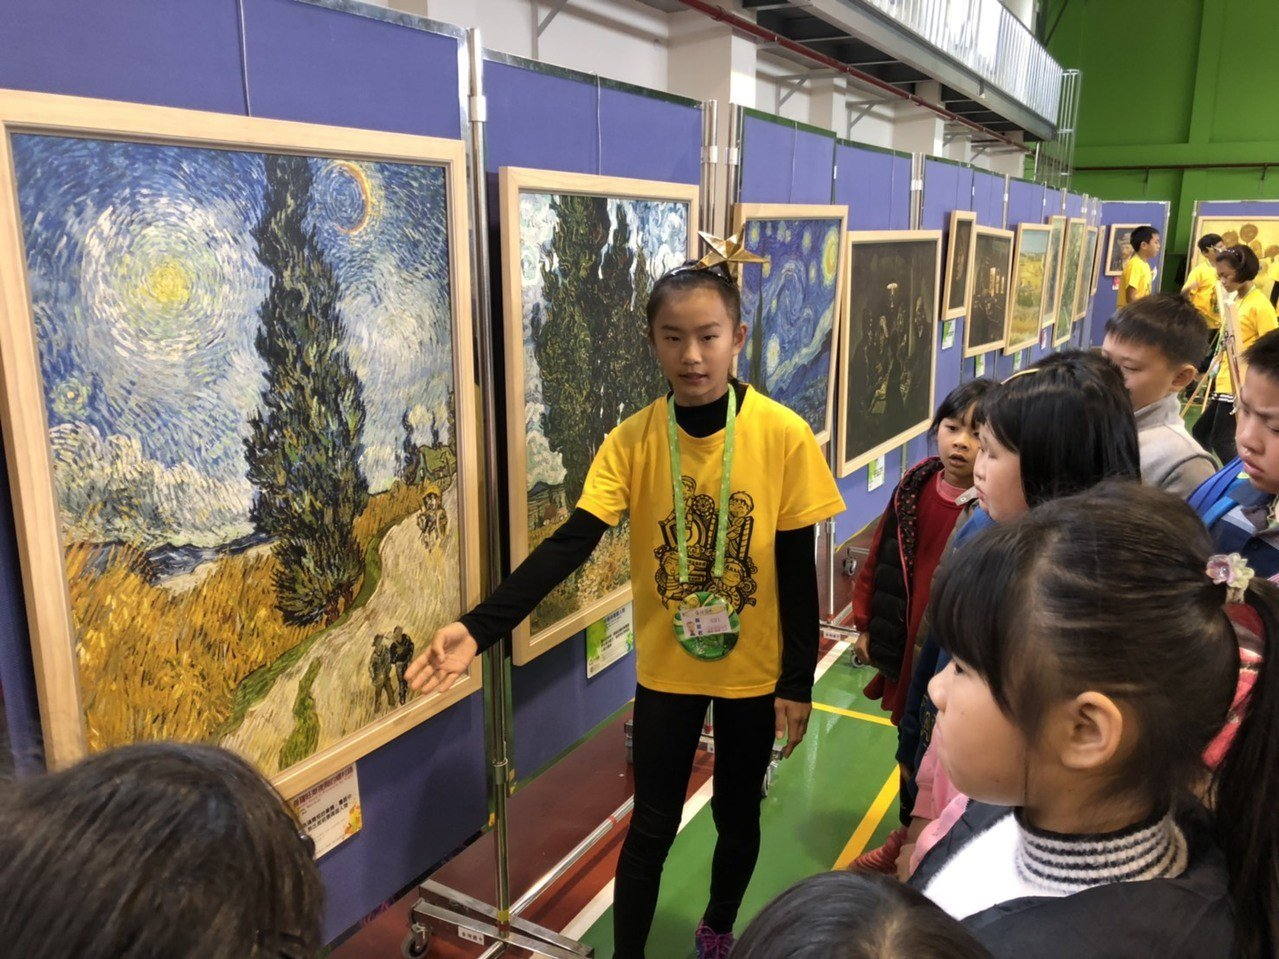 多年國小今天辦成果展,學生擔任藝術小尖兵導覽梵谷的經典畫作,每個人都講得生動有趣...